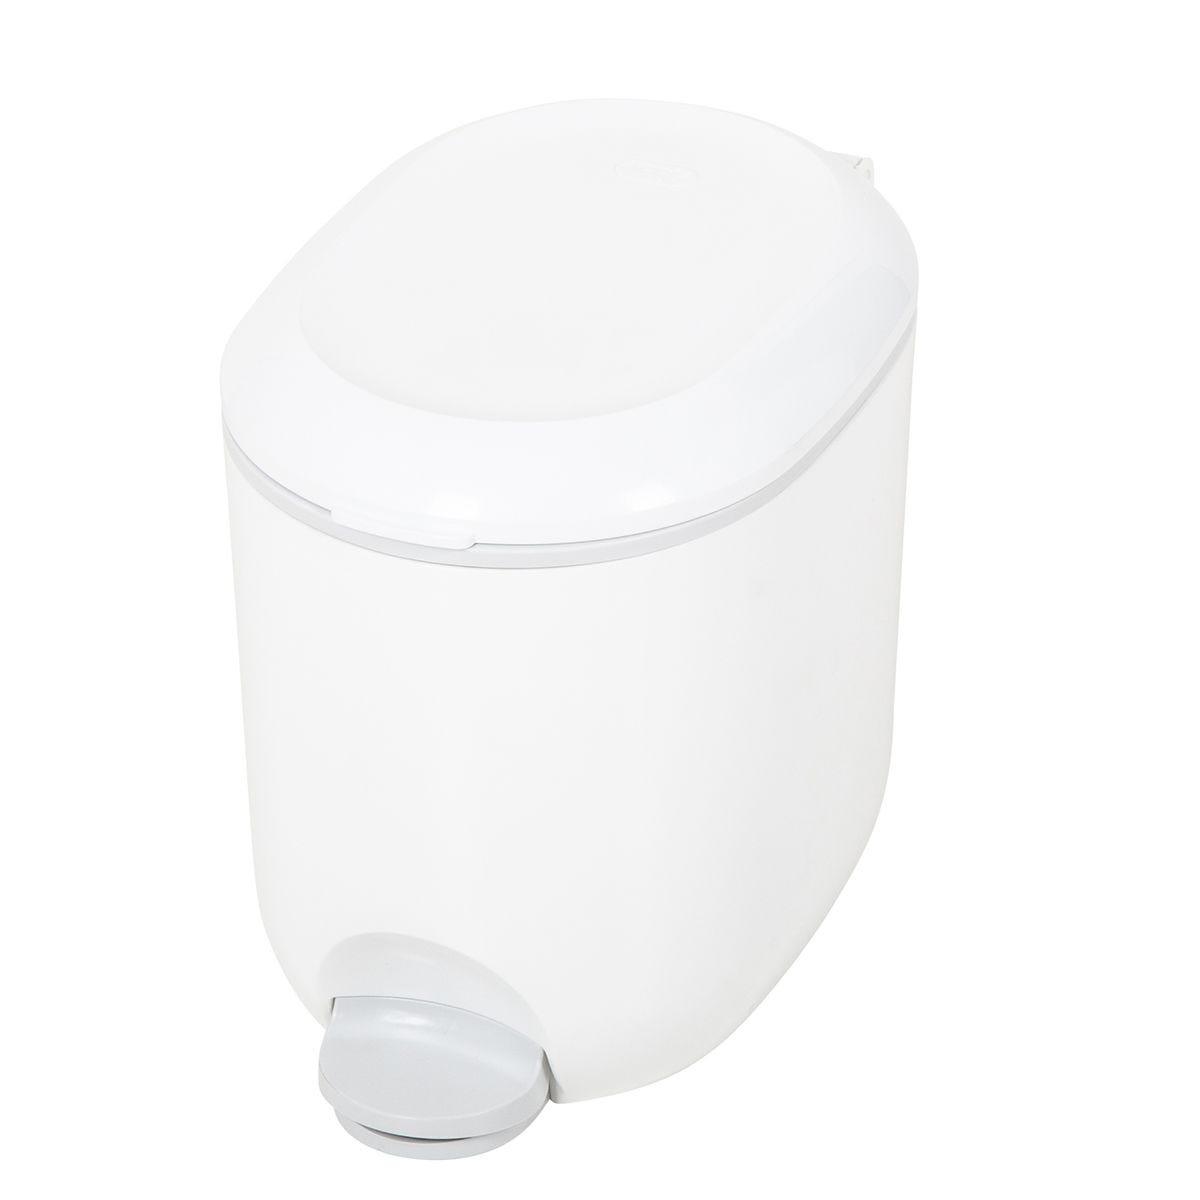 Addis Bathroom Pedal Bin - White/Grey